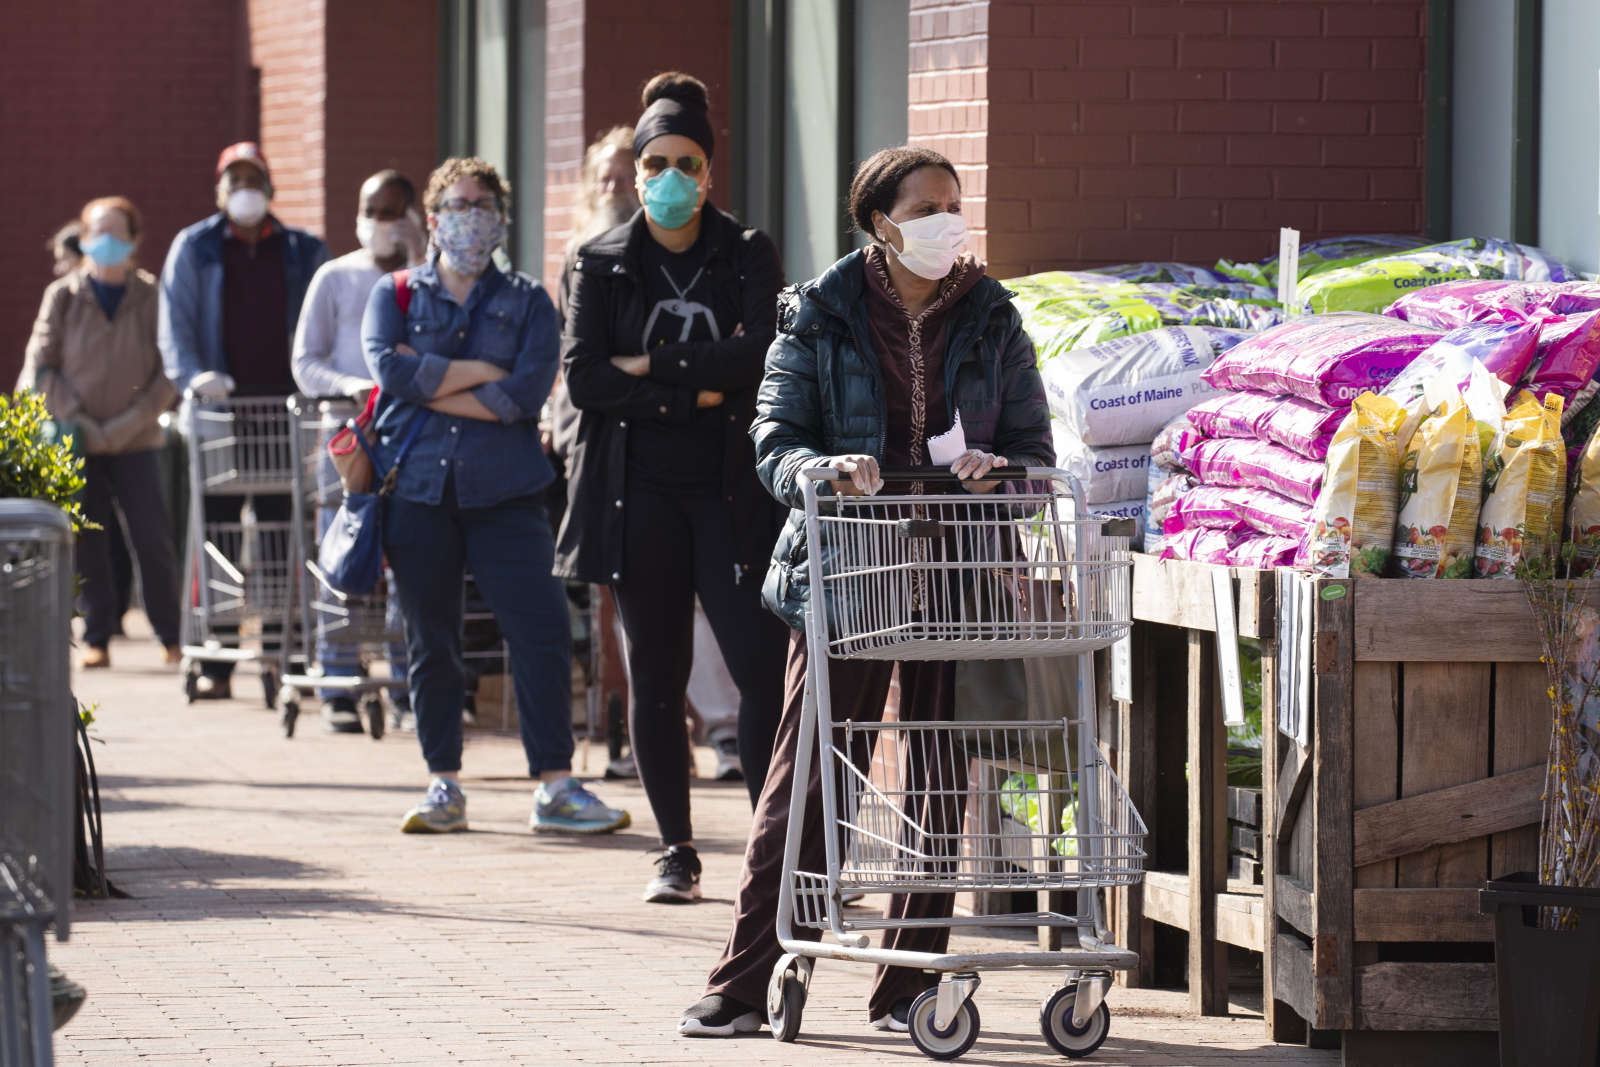 Amerykańskie zakupy. Fot. EPA/MICHAEL REYNOLDS